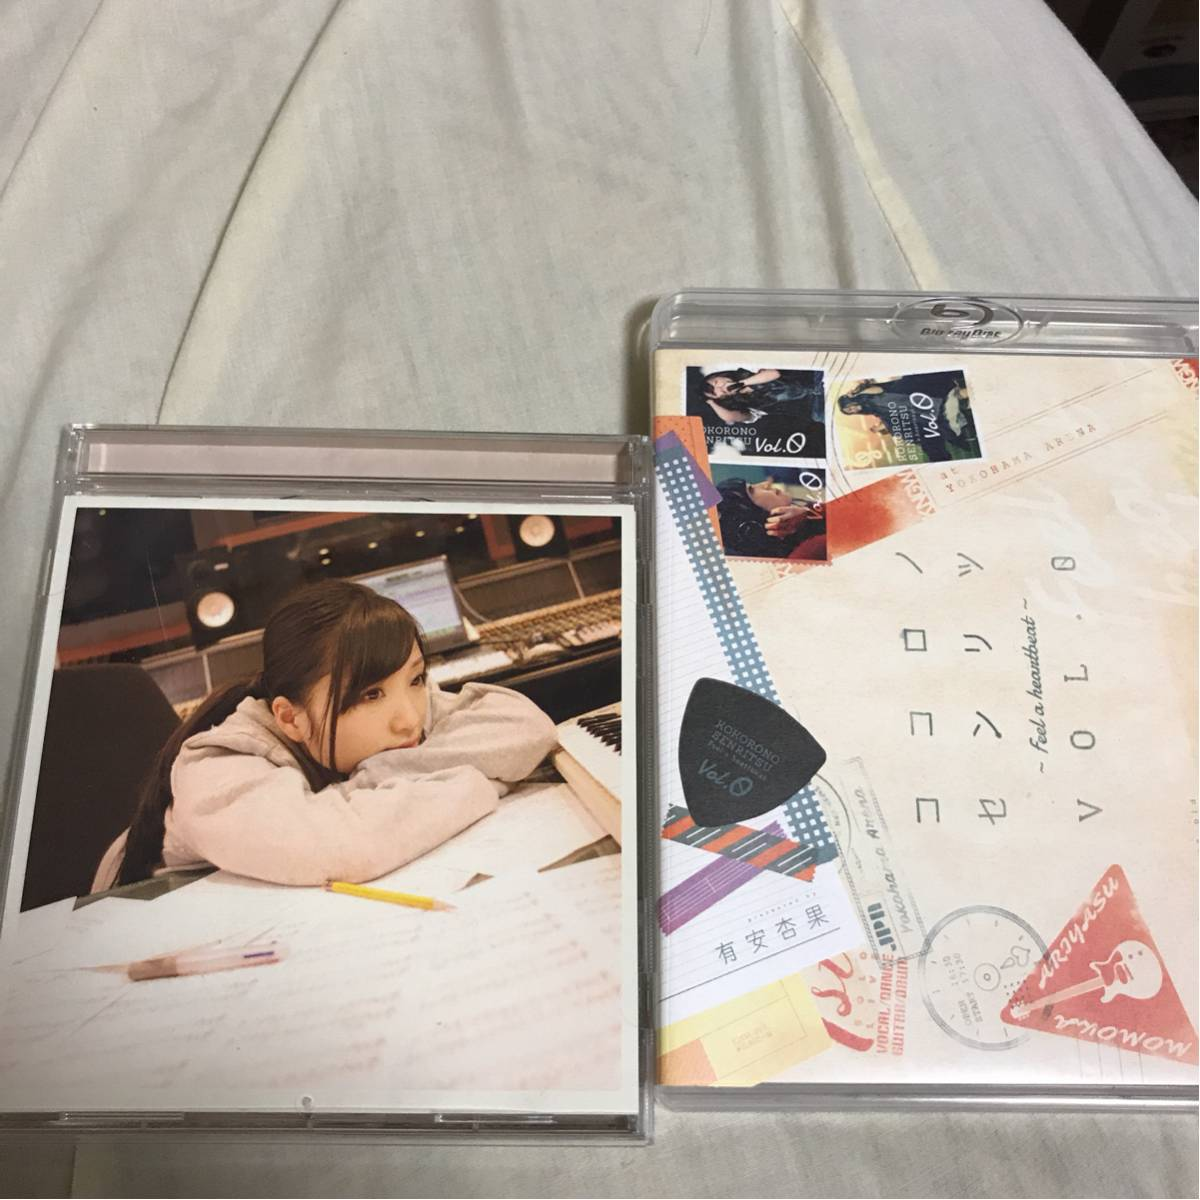 有安杏果 ココロセンリツ vol.0ブルーレイと限定CD 中古 単品も可能